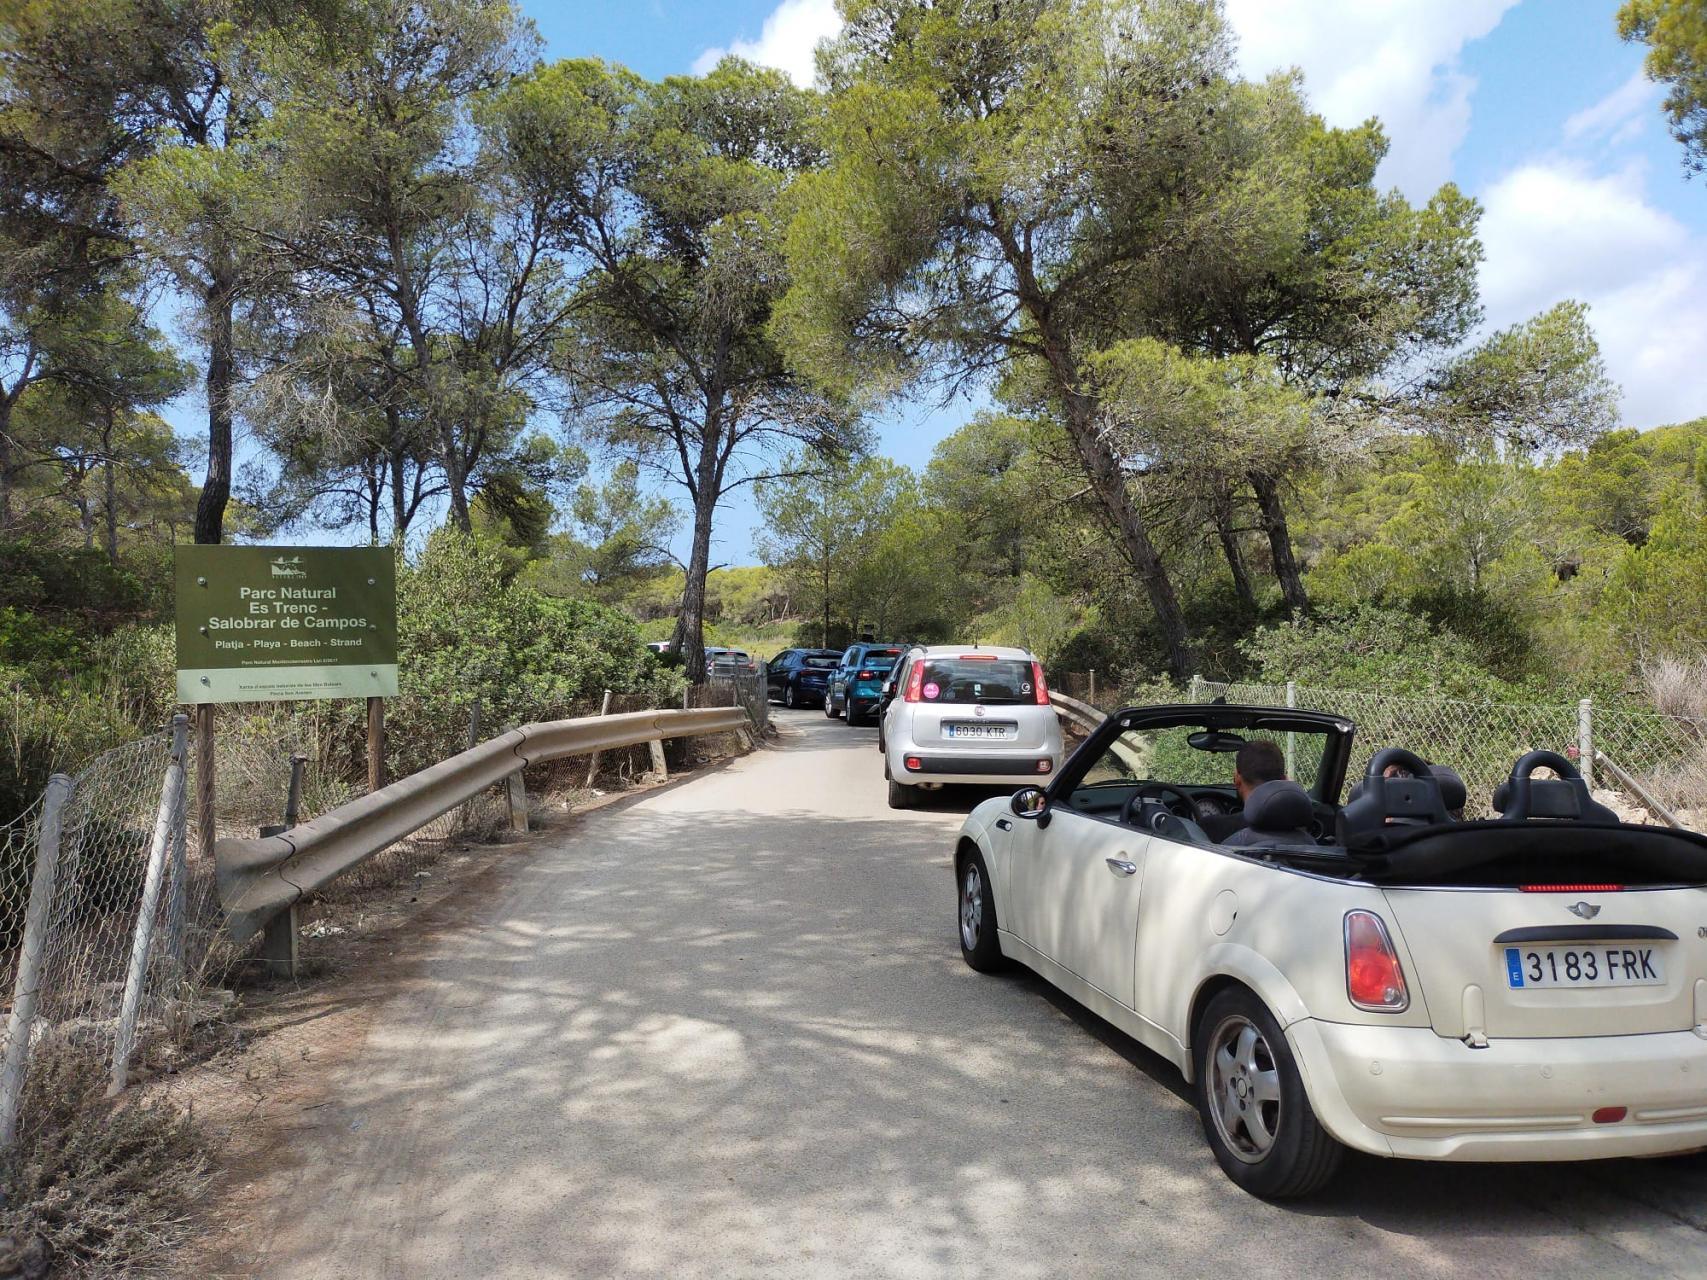 CAMPOS - Caos total en pleno parque natural para acceder al párking de la playa de es Trenc.